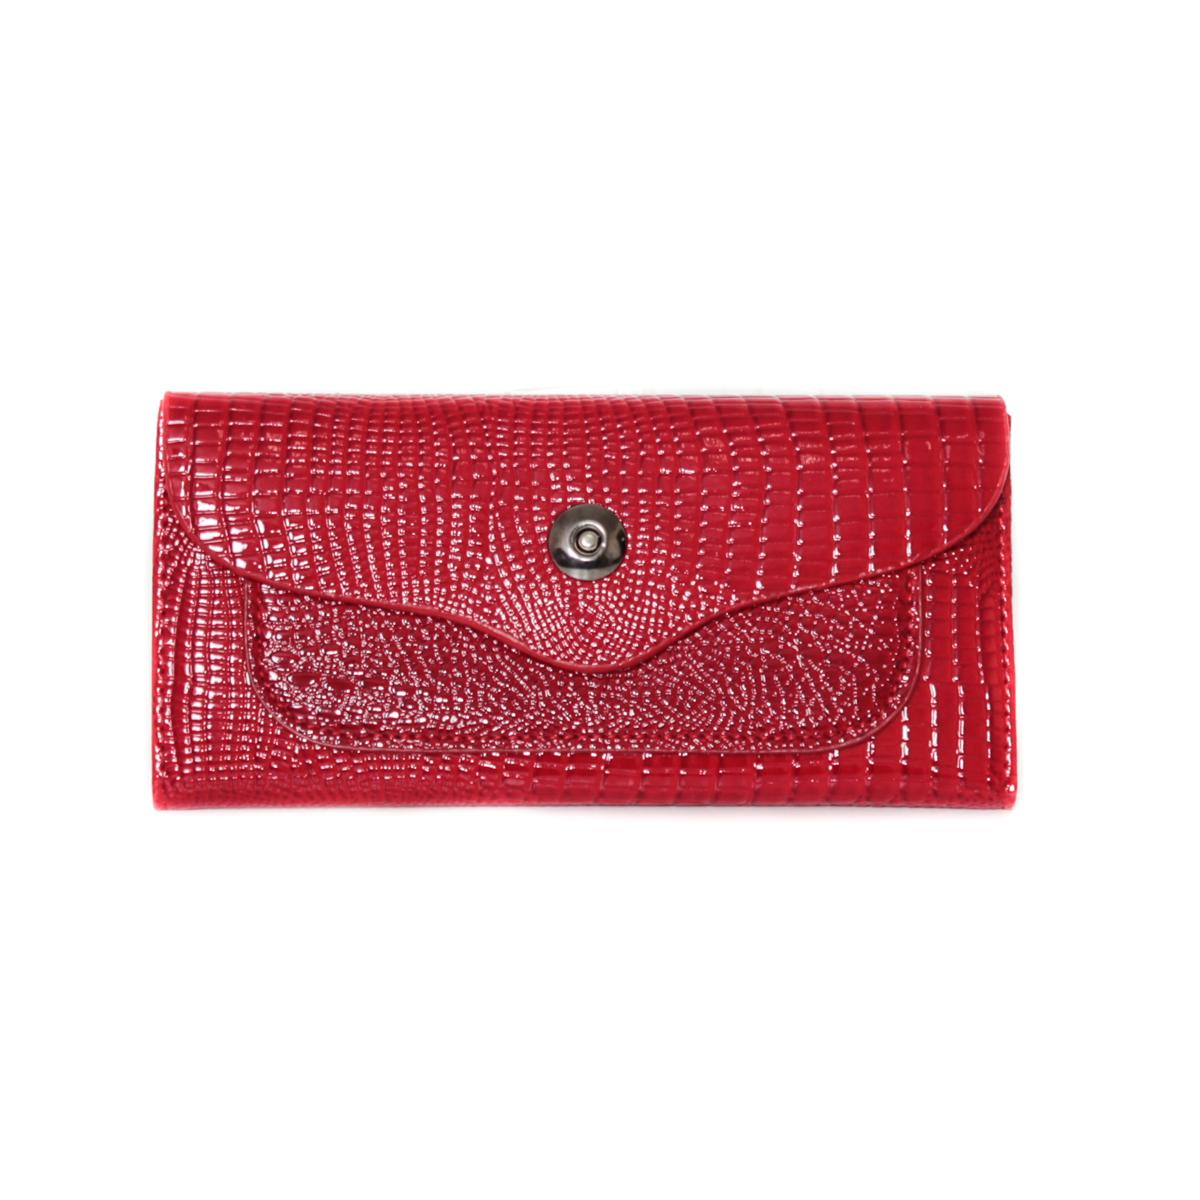 Кошелек женский Leighton, цвет: красный. 0005309200053092Закрывается на кнопку. Внутри два отделения, один карман на молнии. Имеются отделения для визиток.